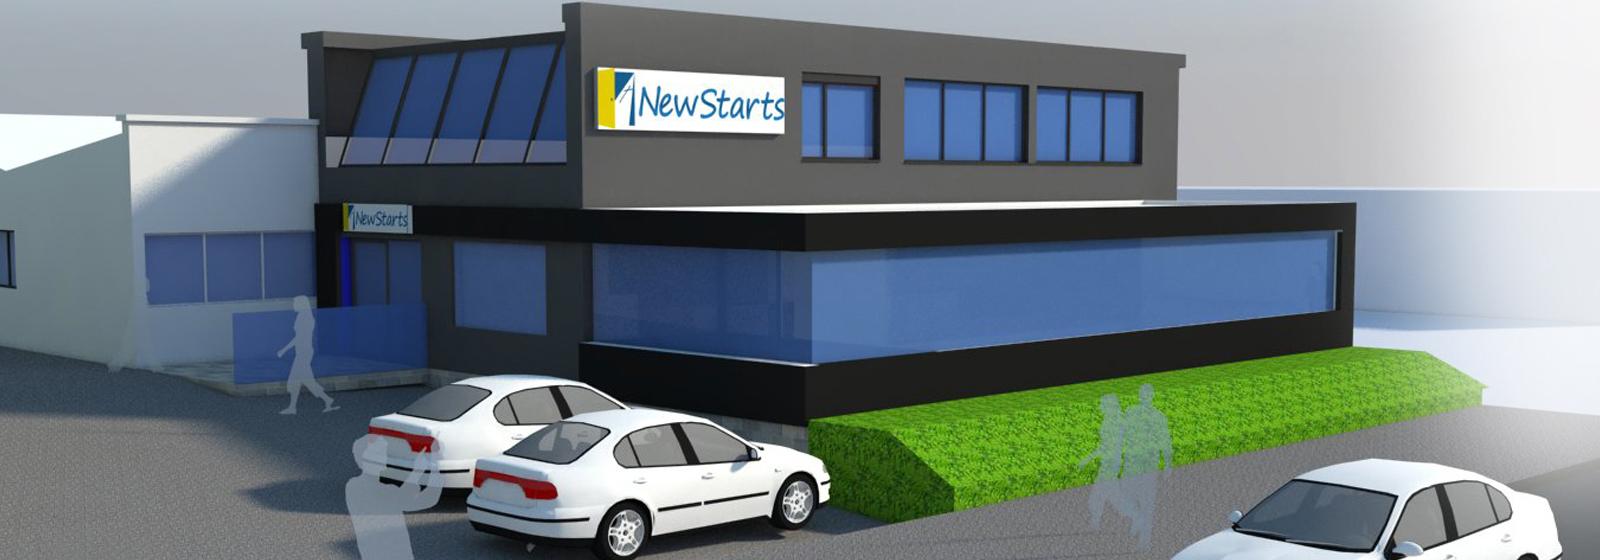 Newstarts, Bromsgrove